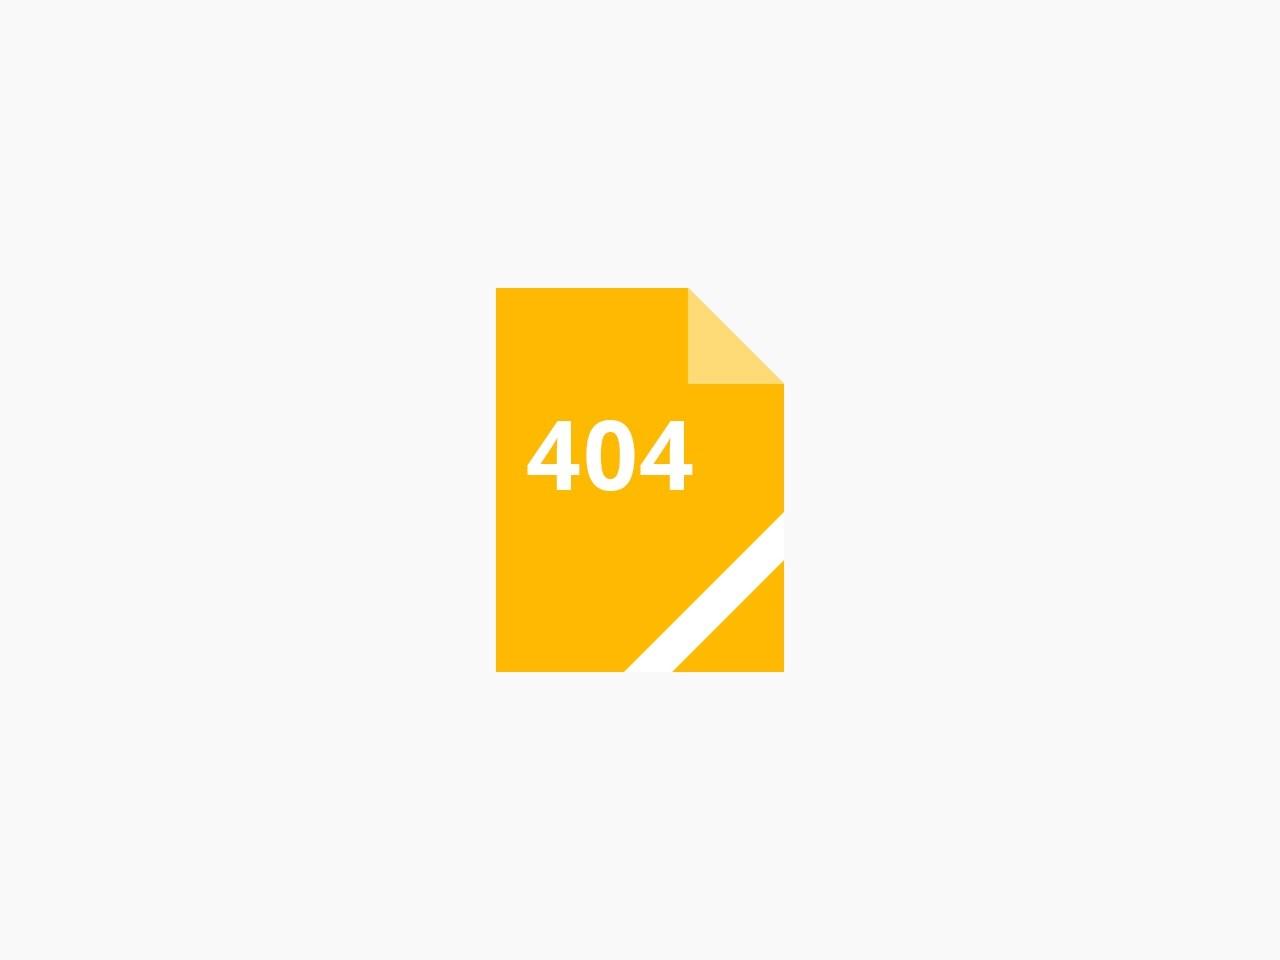 谷歌浏览器_谷歌浏览器(Google Chrome) V27.0.1453.110 官方安装版 - 中国破解联盟 - 起点软件园